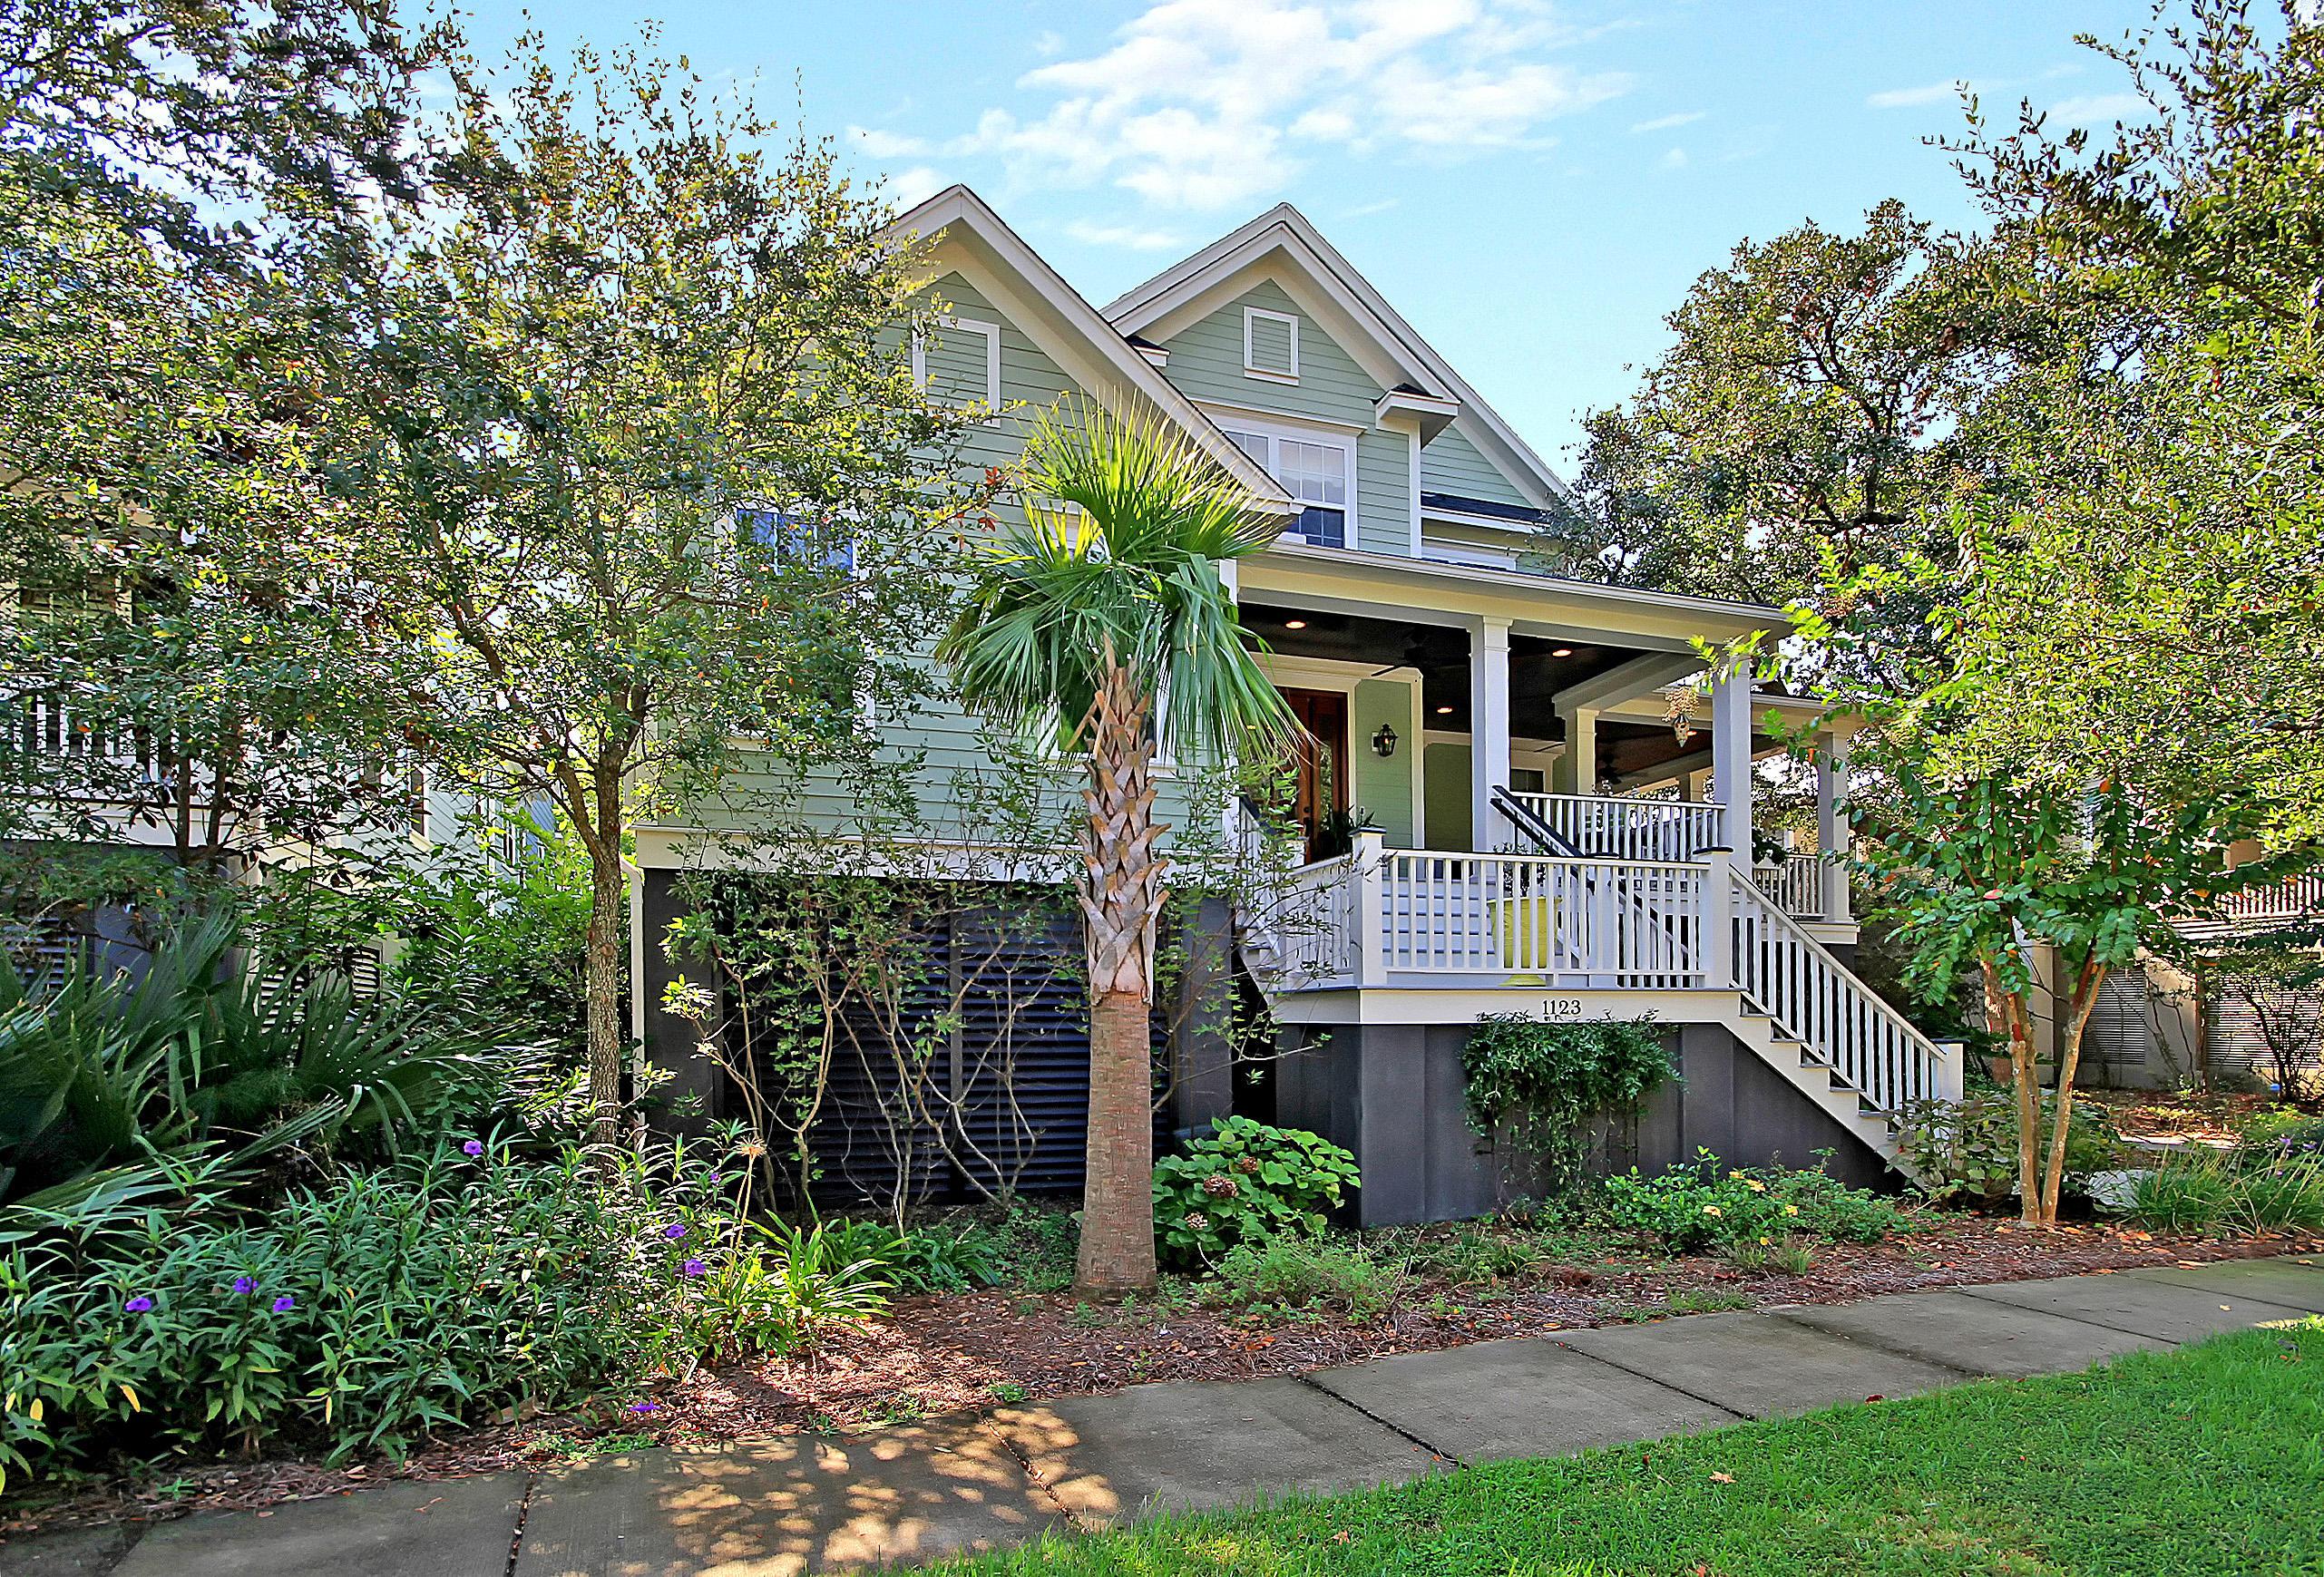 1123 Oak Overhang Street Daniel Island, Sc 29492